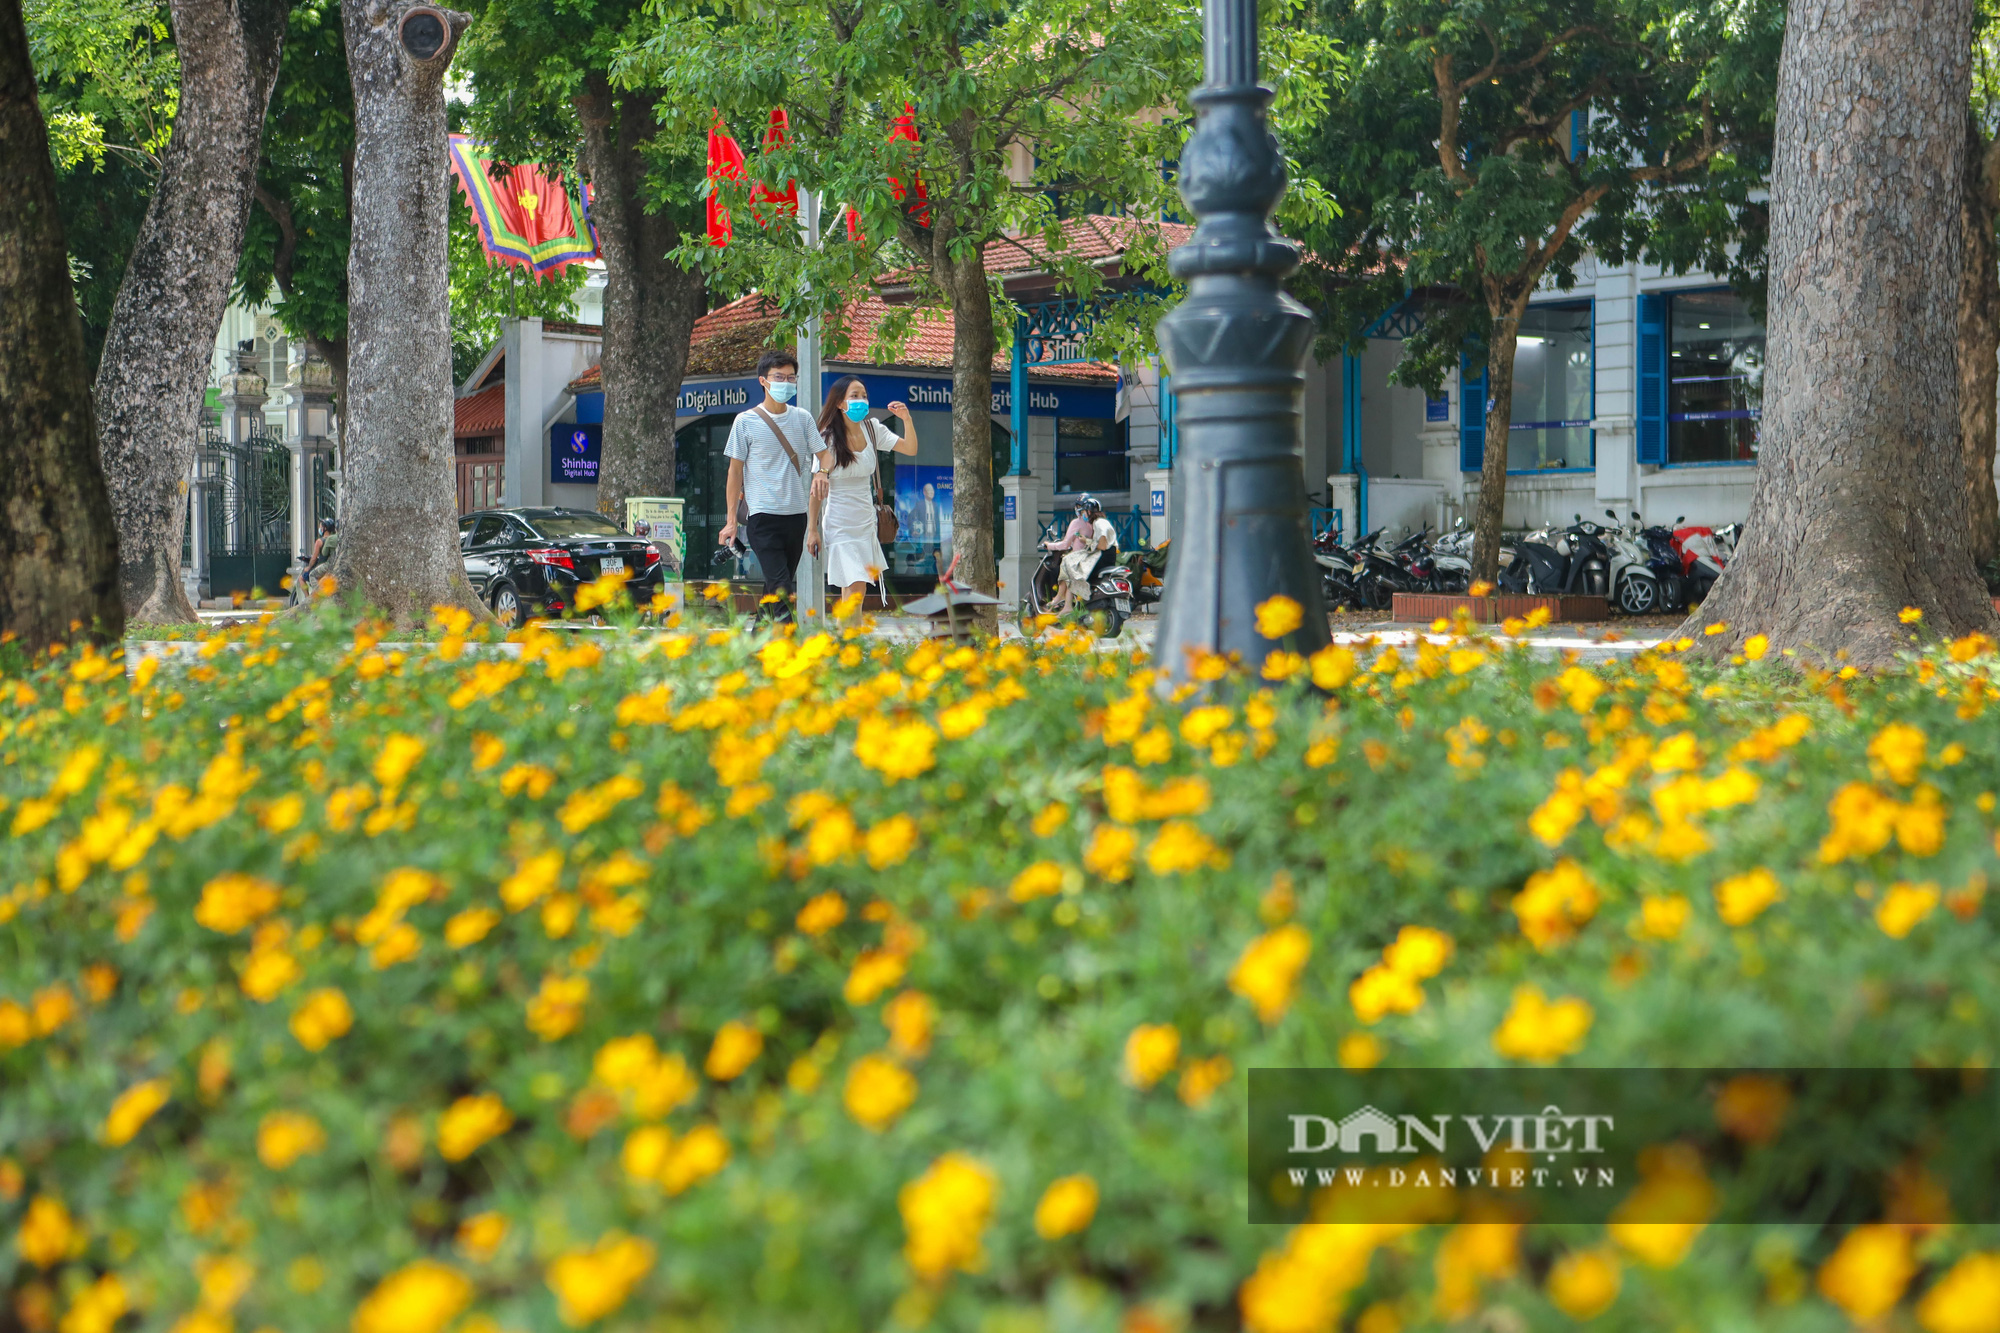 Chiêm ngưỡng vườn hoa mới đẹp ngỡ ngàng bên bờ hồ Hoàn Kiếm  - Ảnh 4.